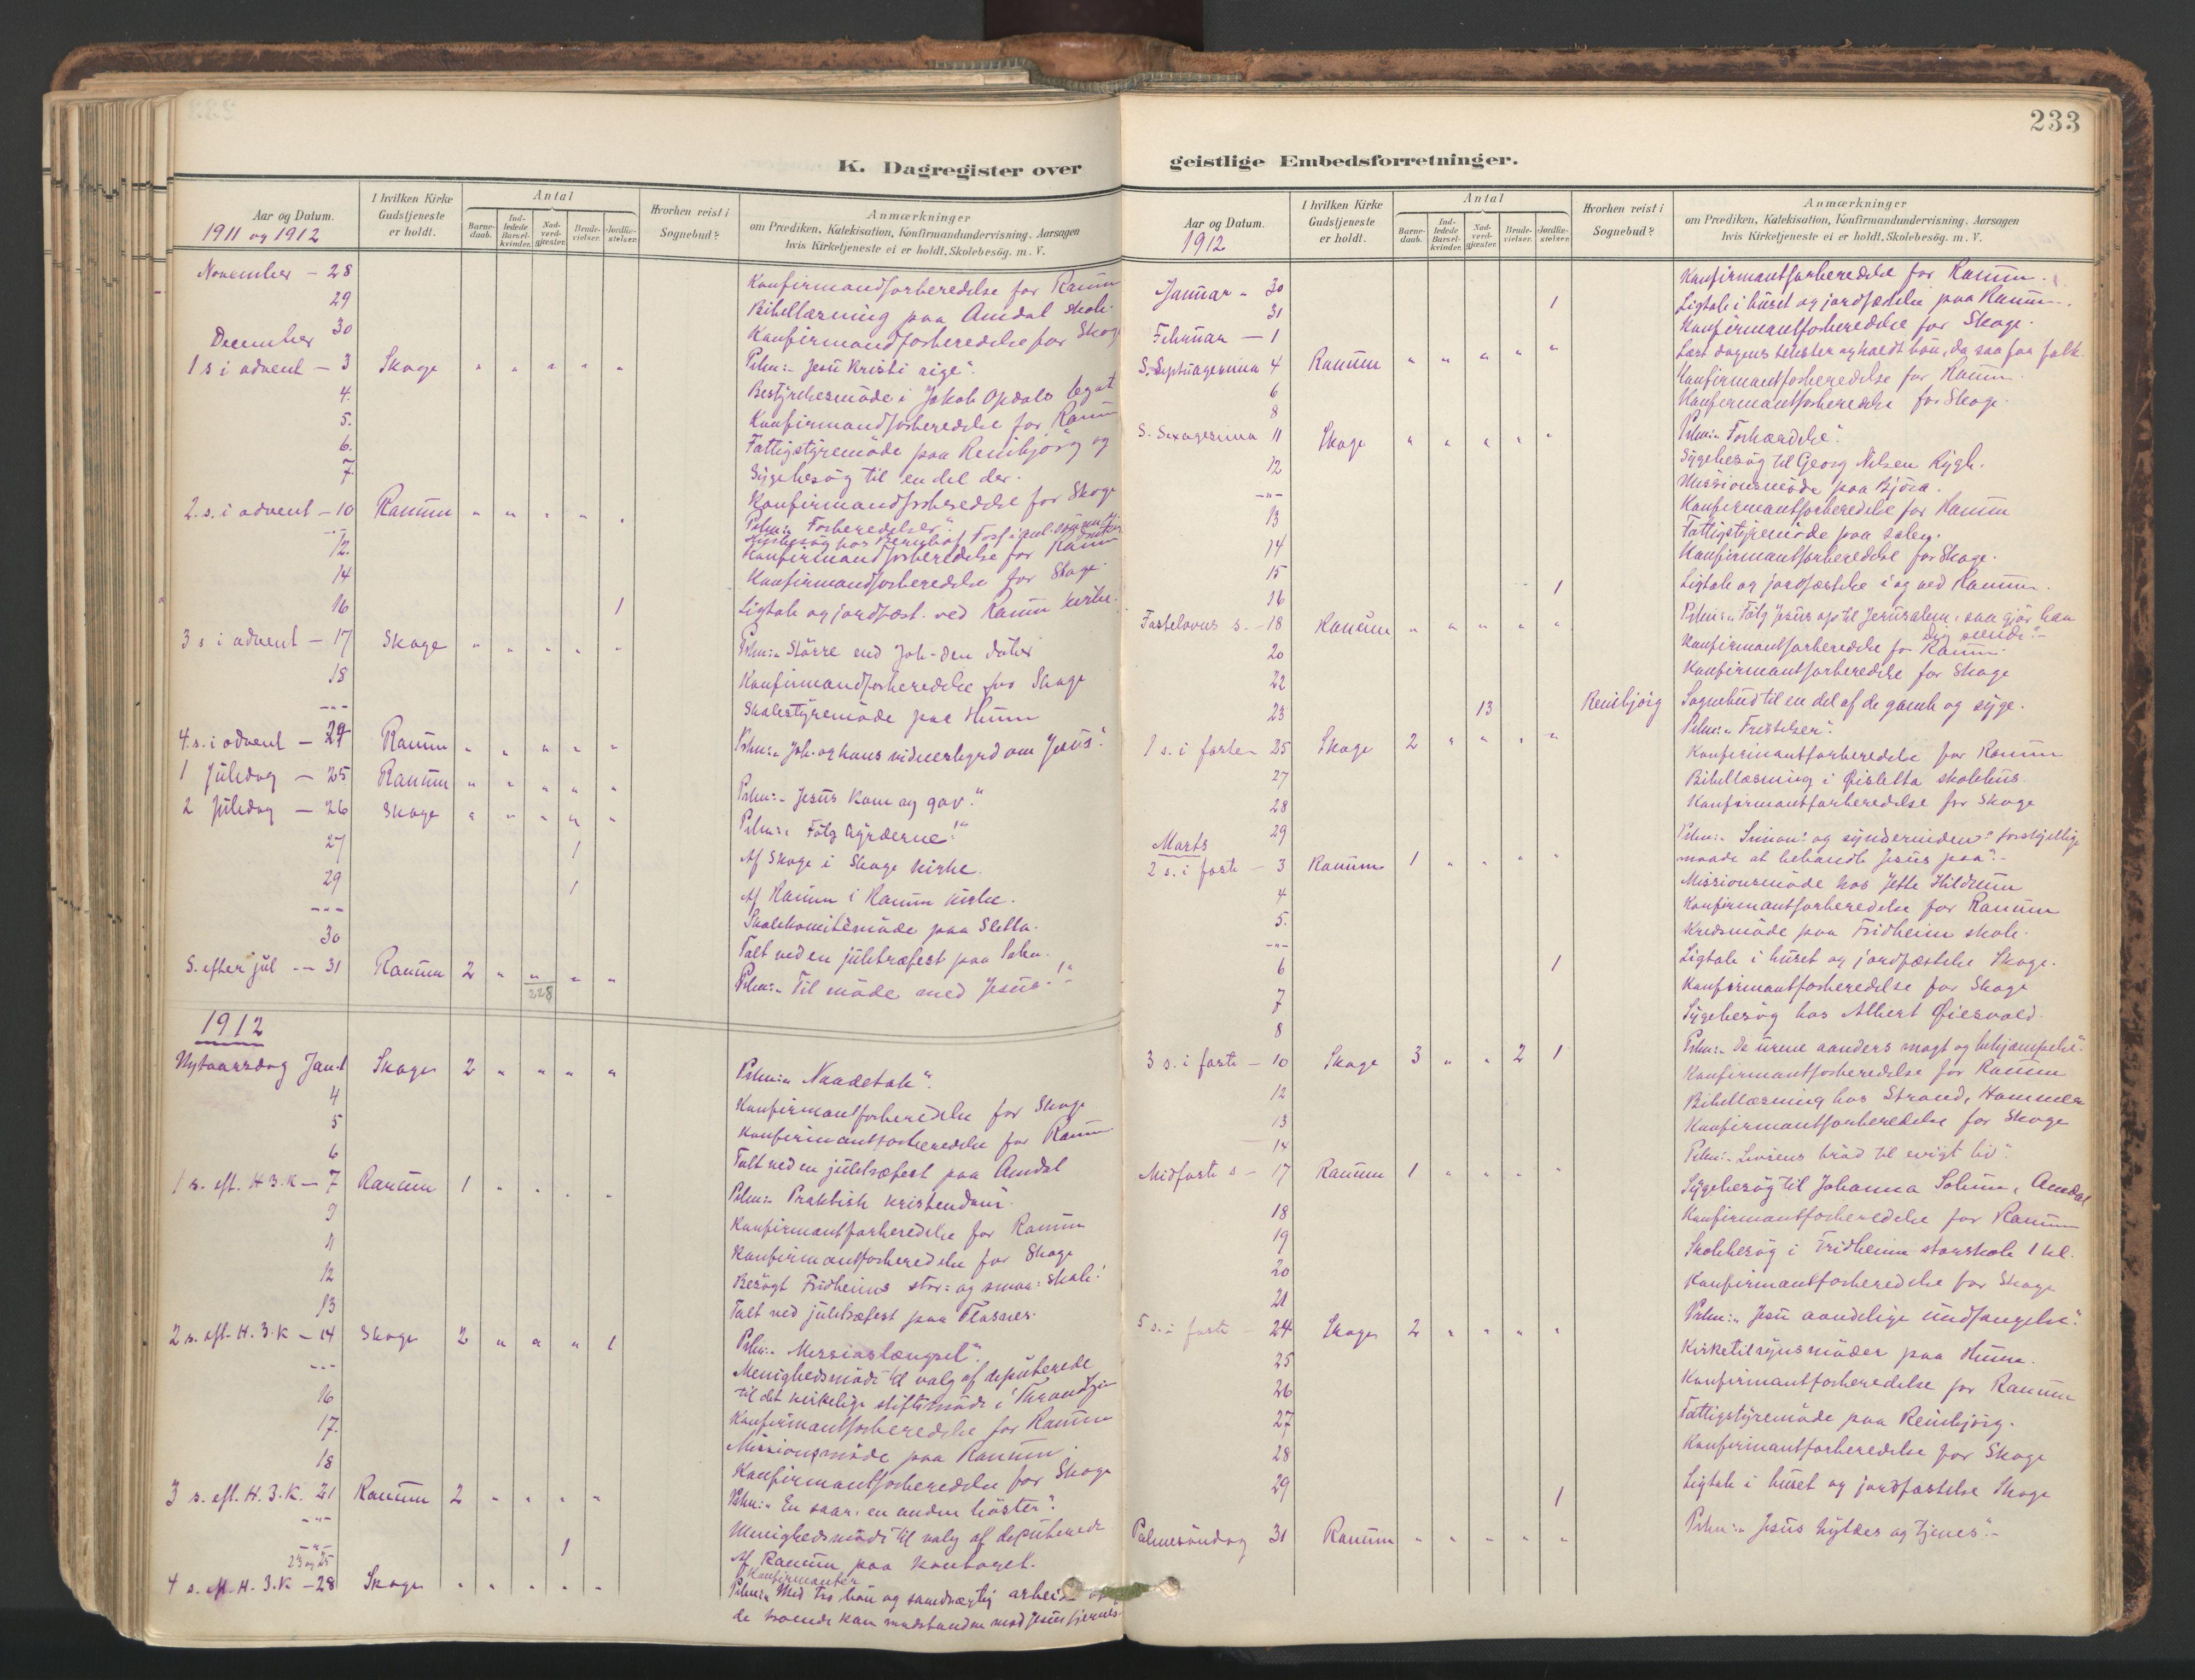 SAT, Ministerialprotokoller, klokkerbøker og fødselsregistre - Nord-Trøndelag, 764/L0556: Ministerialbok nr. 764A11, 1897-1924, s. 233